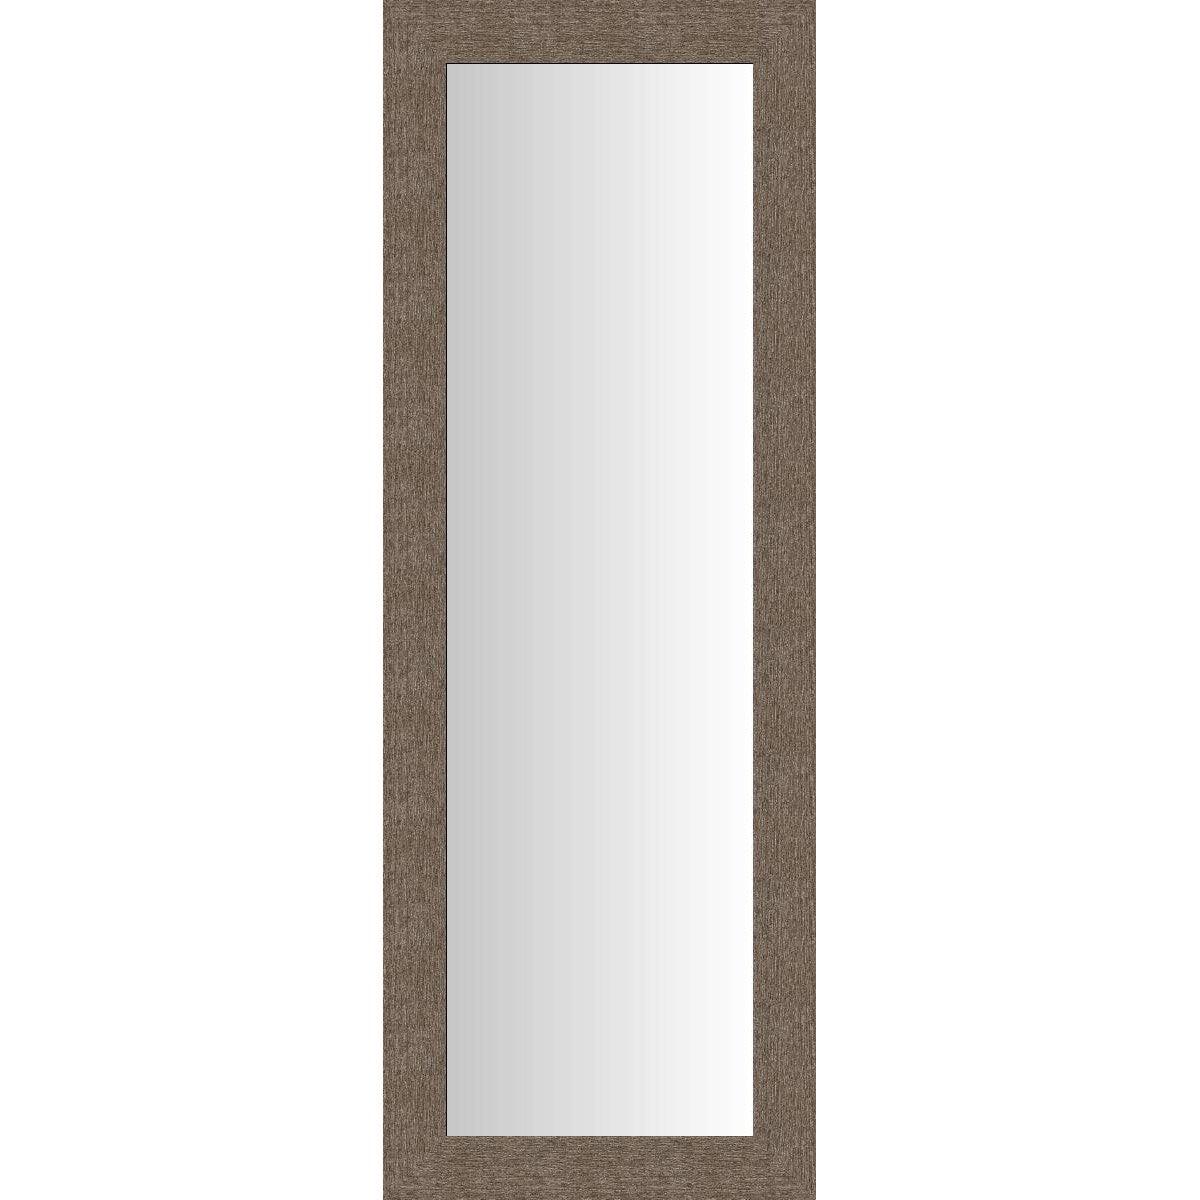 Miroir dublin brun 40x140 cm leroy merlin for Miroir trumeau leroy merlin